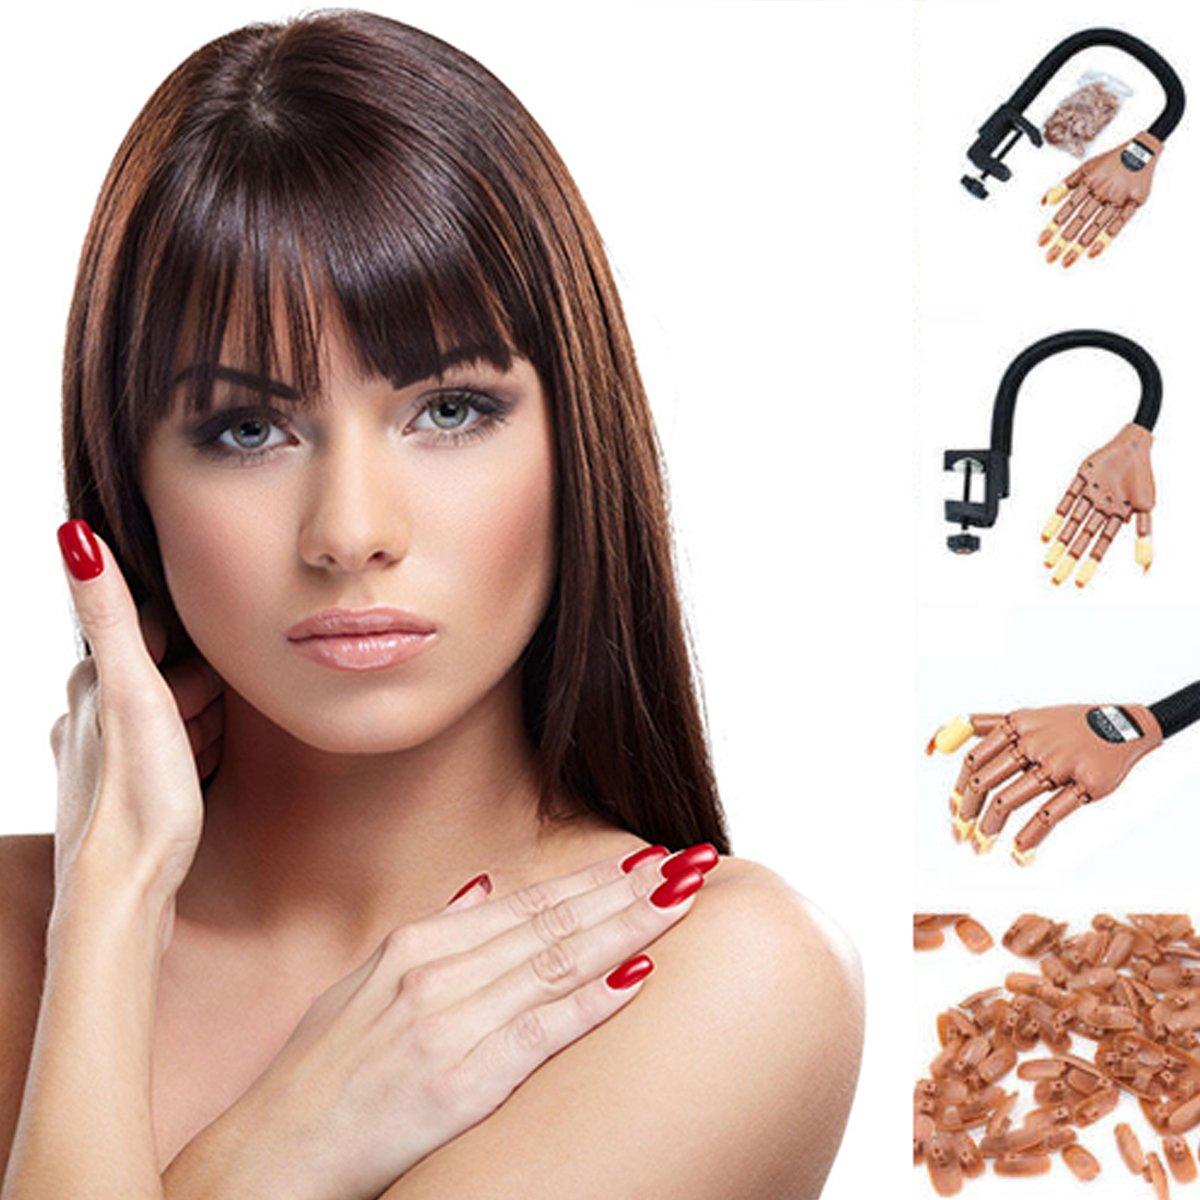 Medida de vida ajustable para el aprendizaje de manos, herramienta de maquillaje, dedo falso, 100 piezas de puntas de uñas Unknown